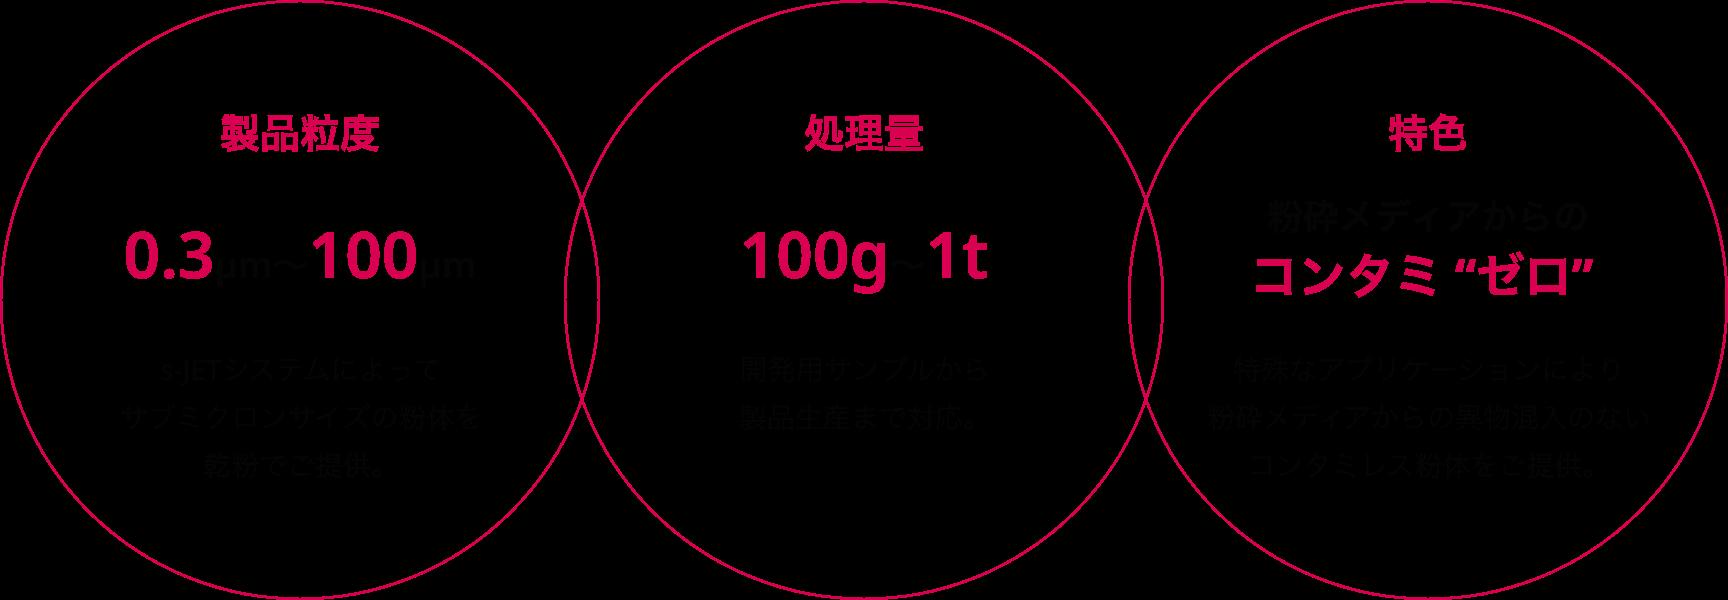 """製品粒度 0.3μm~100μm s-JETシステムによってサブミクロンサイズの粉体を乾粉でご提供。 処理量 100g~1t 開発用サンプルから製品生産まで対応。 特色 粉砕メディアからのコンタミ """"ゼロ"""" 特殊なアプリケーションにより粉砕メディアからの異物混入のないコンタミレス粉体をご提供。"""